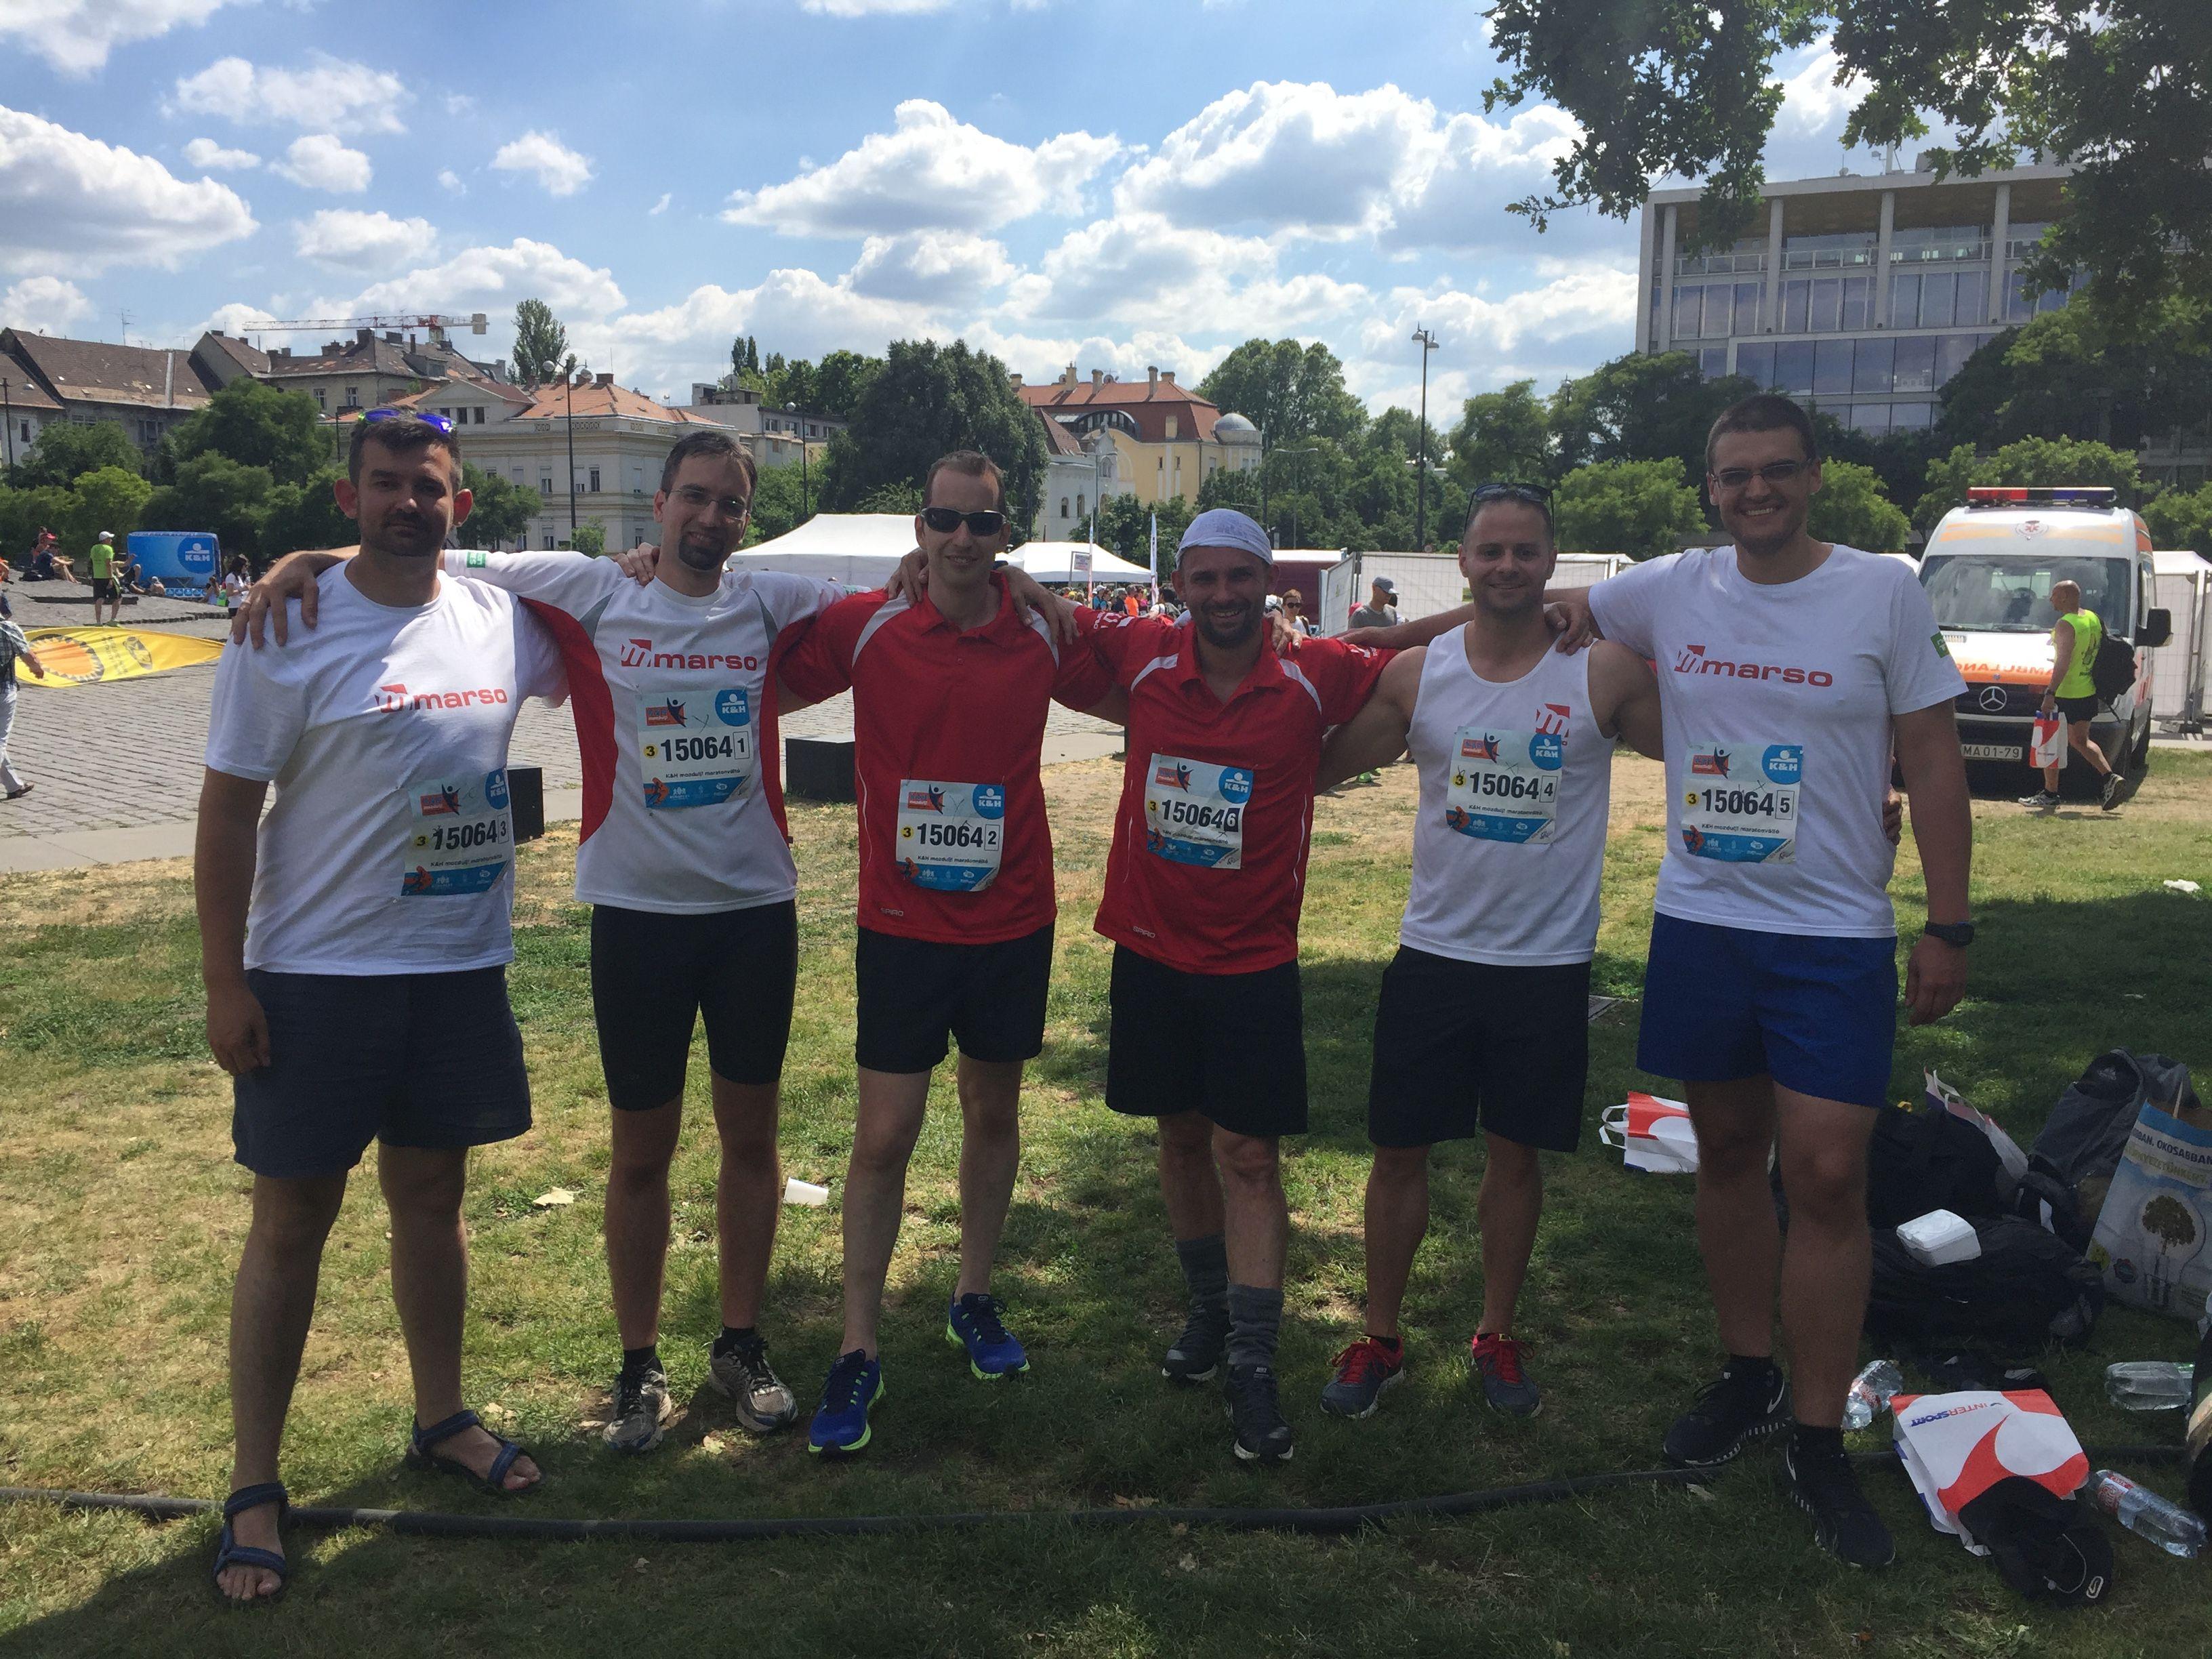 K&H Maraton